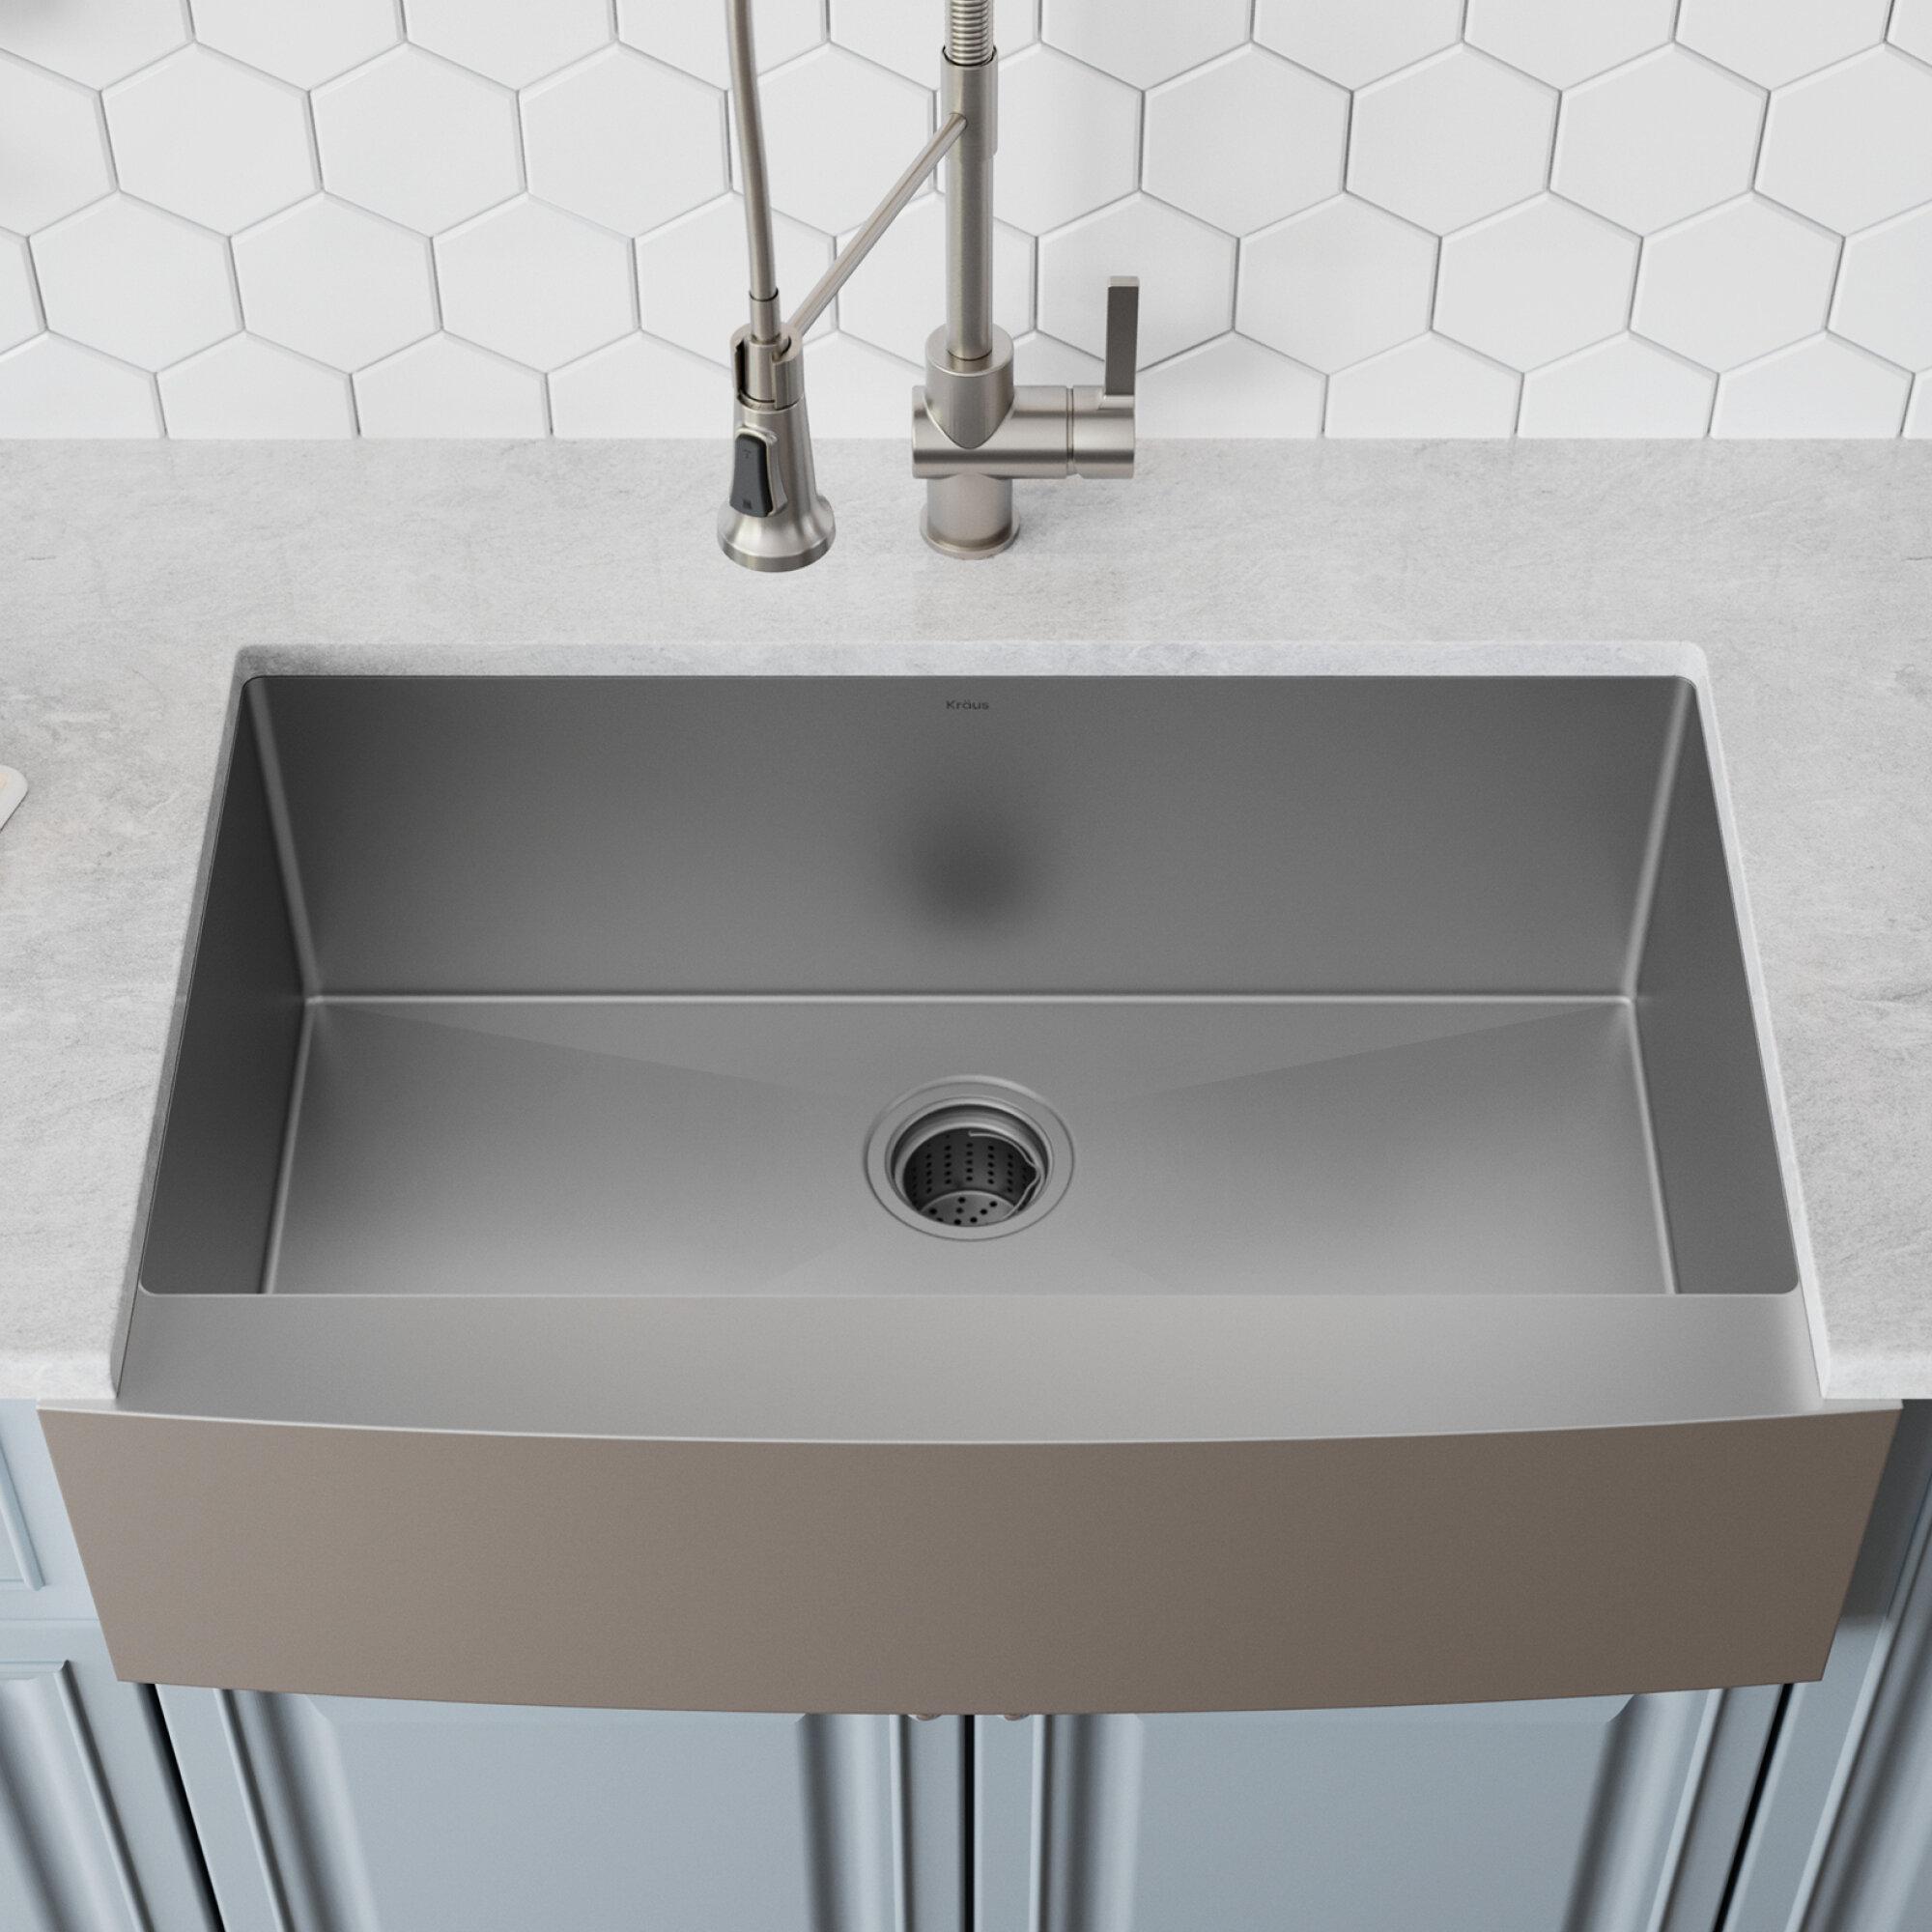 Swell 36 L X 21 W Farmhouse Kitchen Sink With Basket Strainer Download Free Architecture Designs Scobabritishbridgeorg